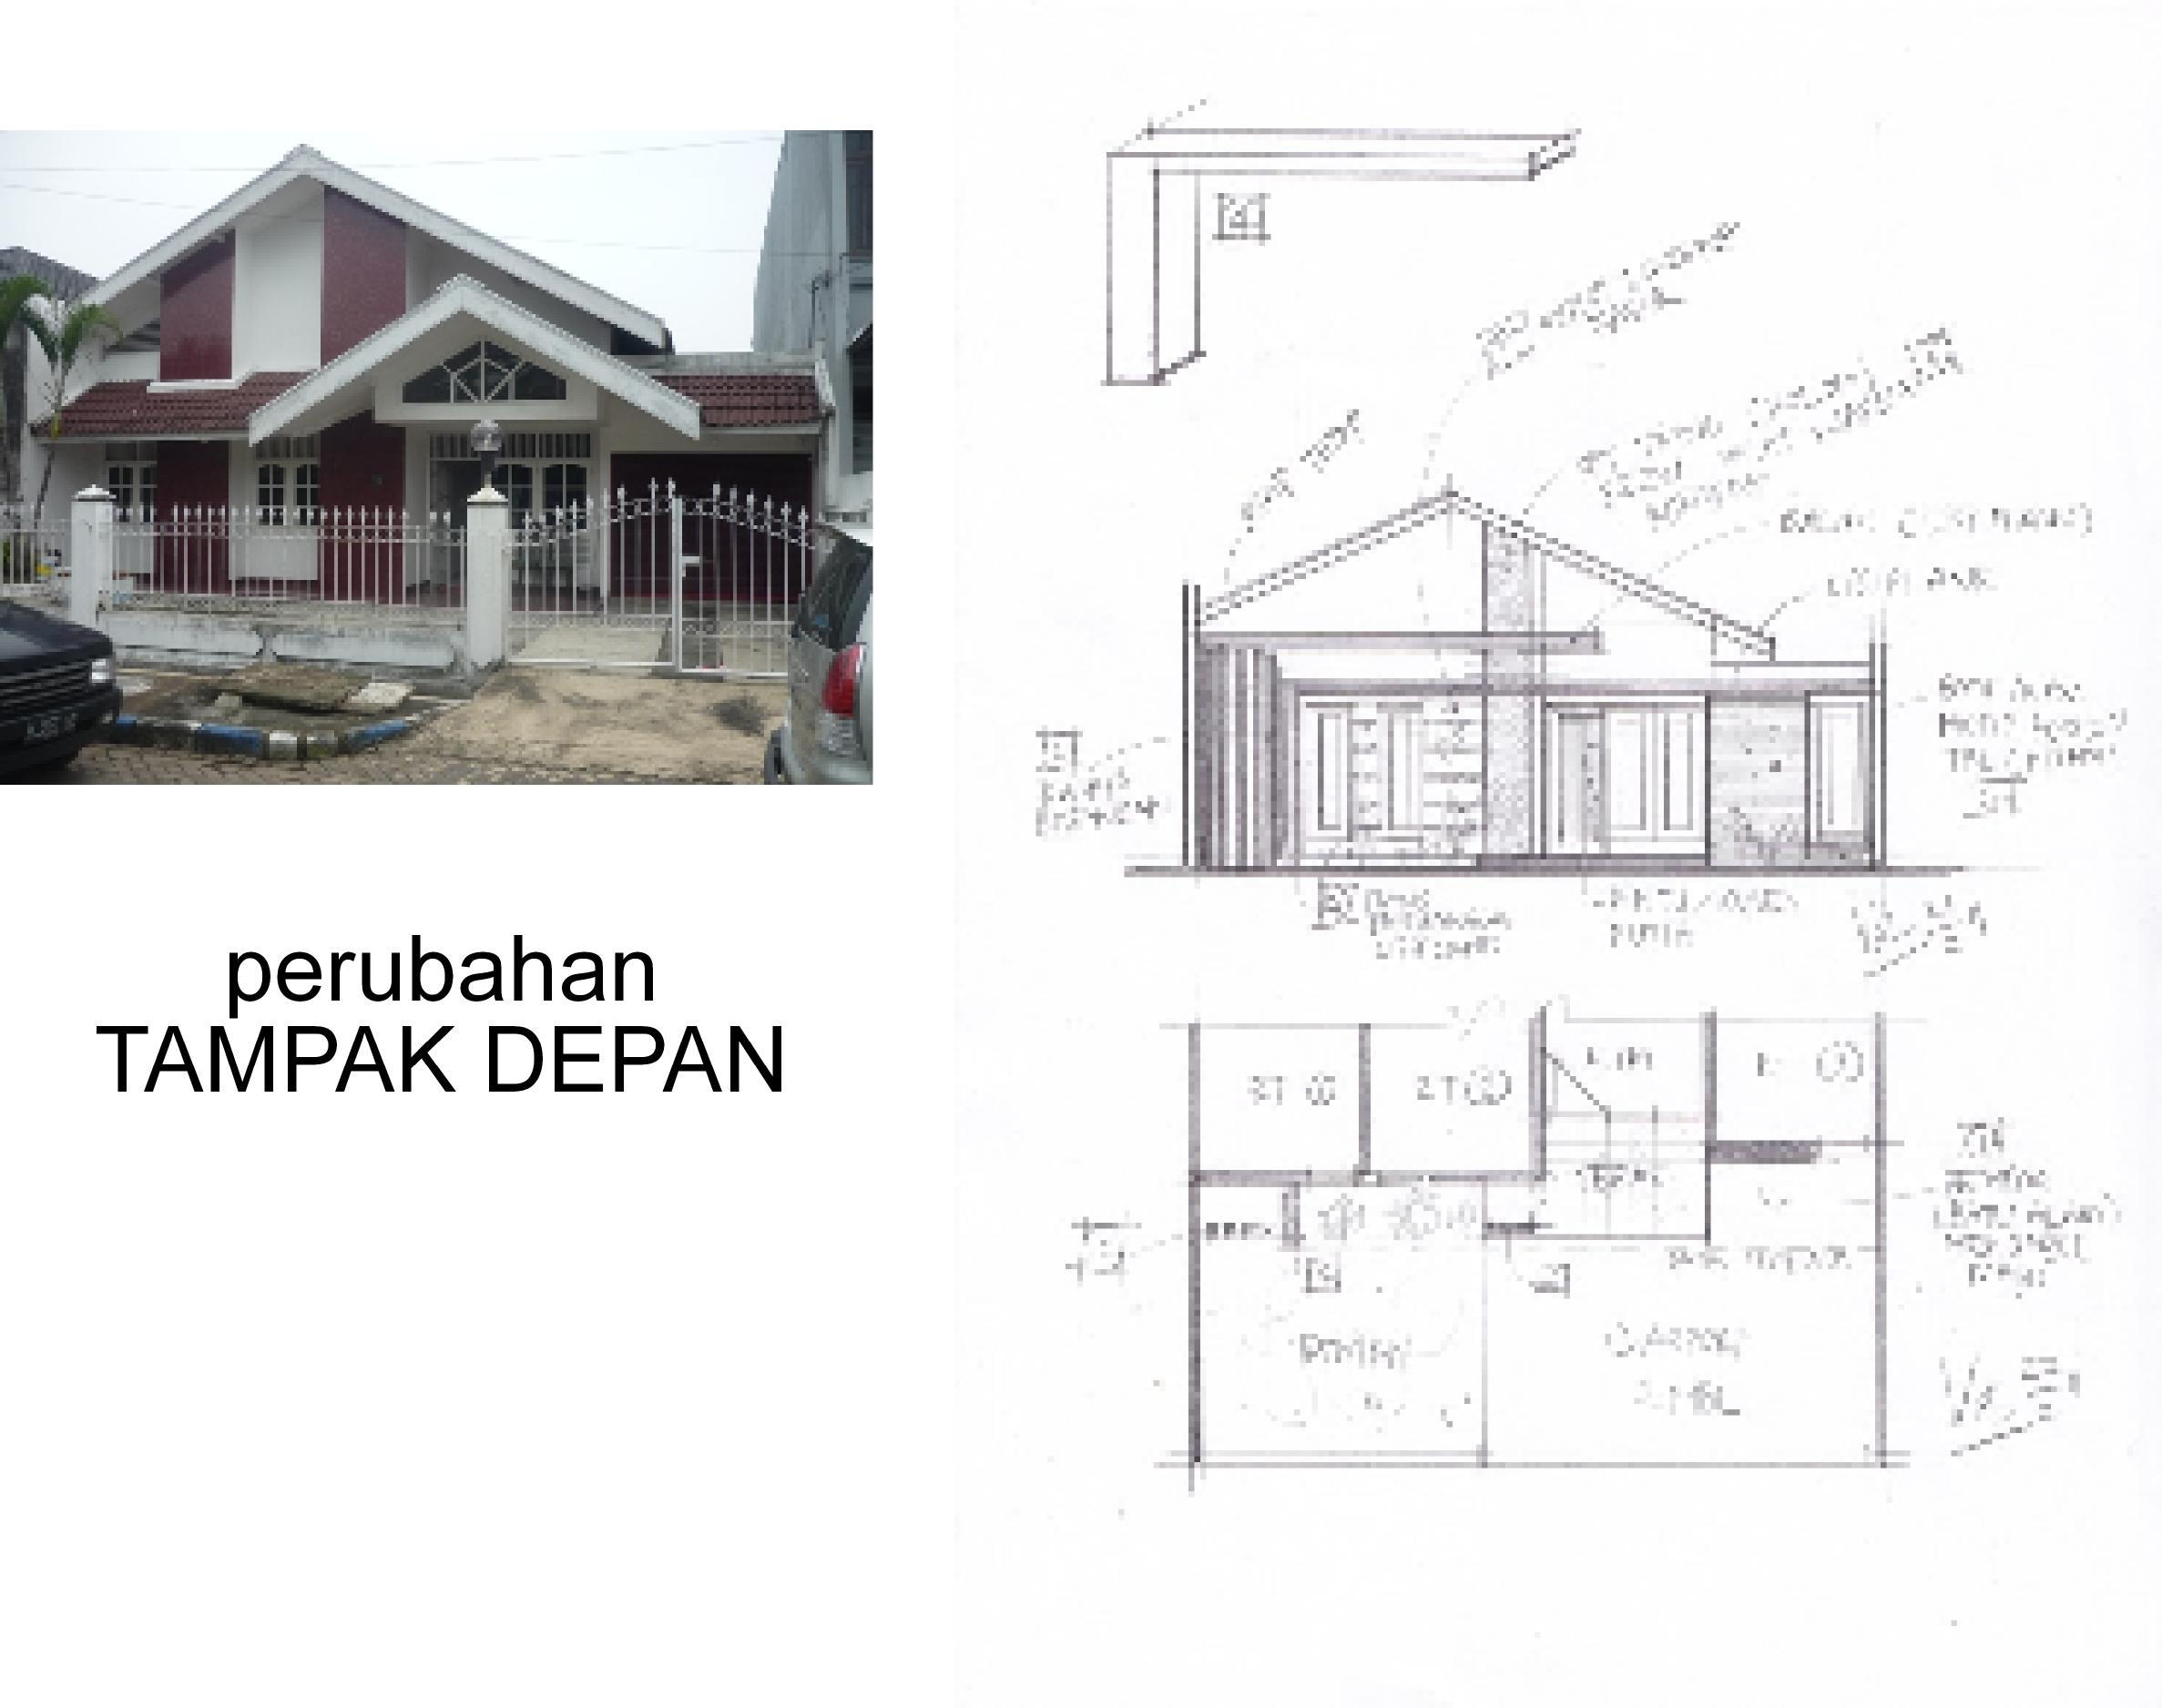 Image Result For Desain Depan Rumah Minimalis Sederhana